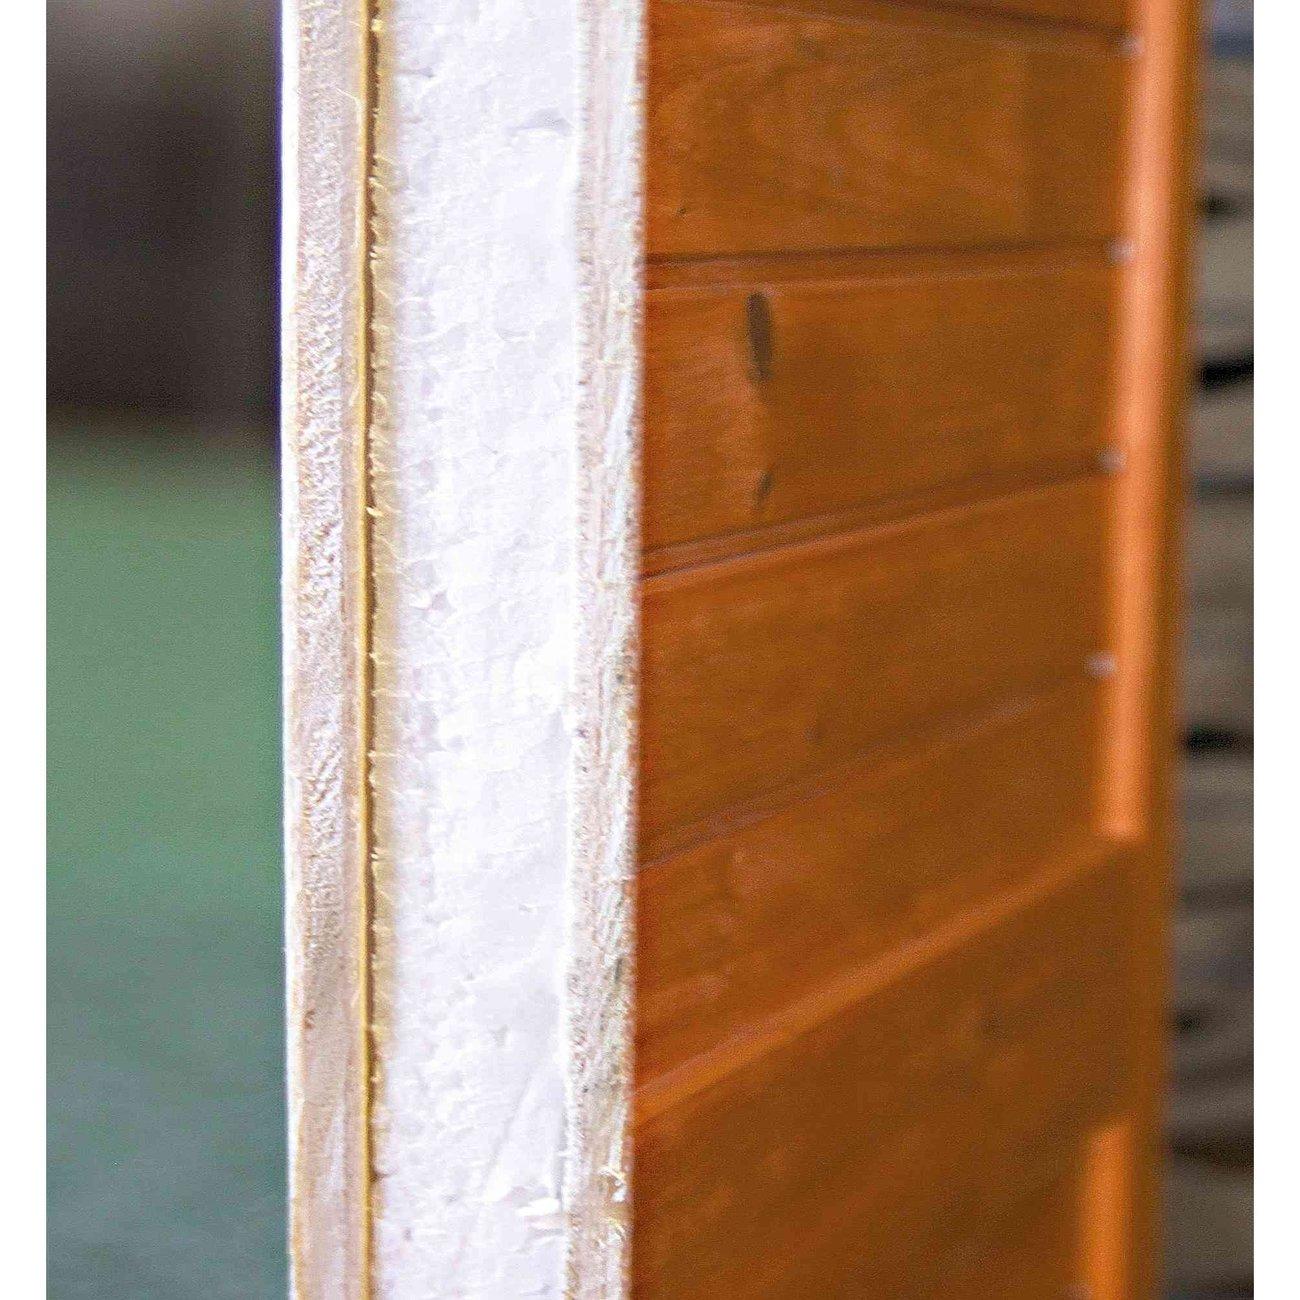 TRIXIE Kaninchenstall winterfest mit Wärmedämmung isoliert 62404, Bild 4